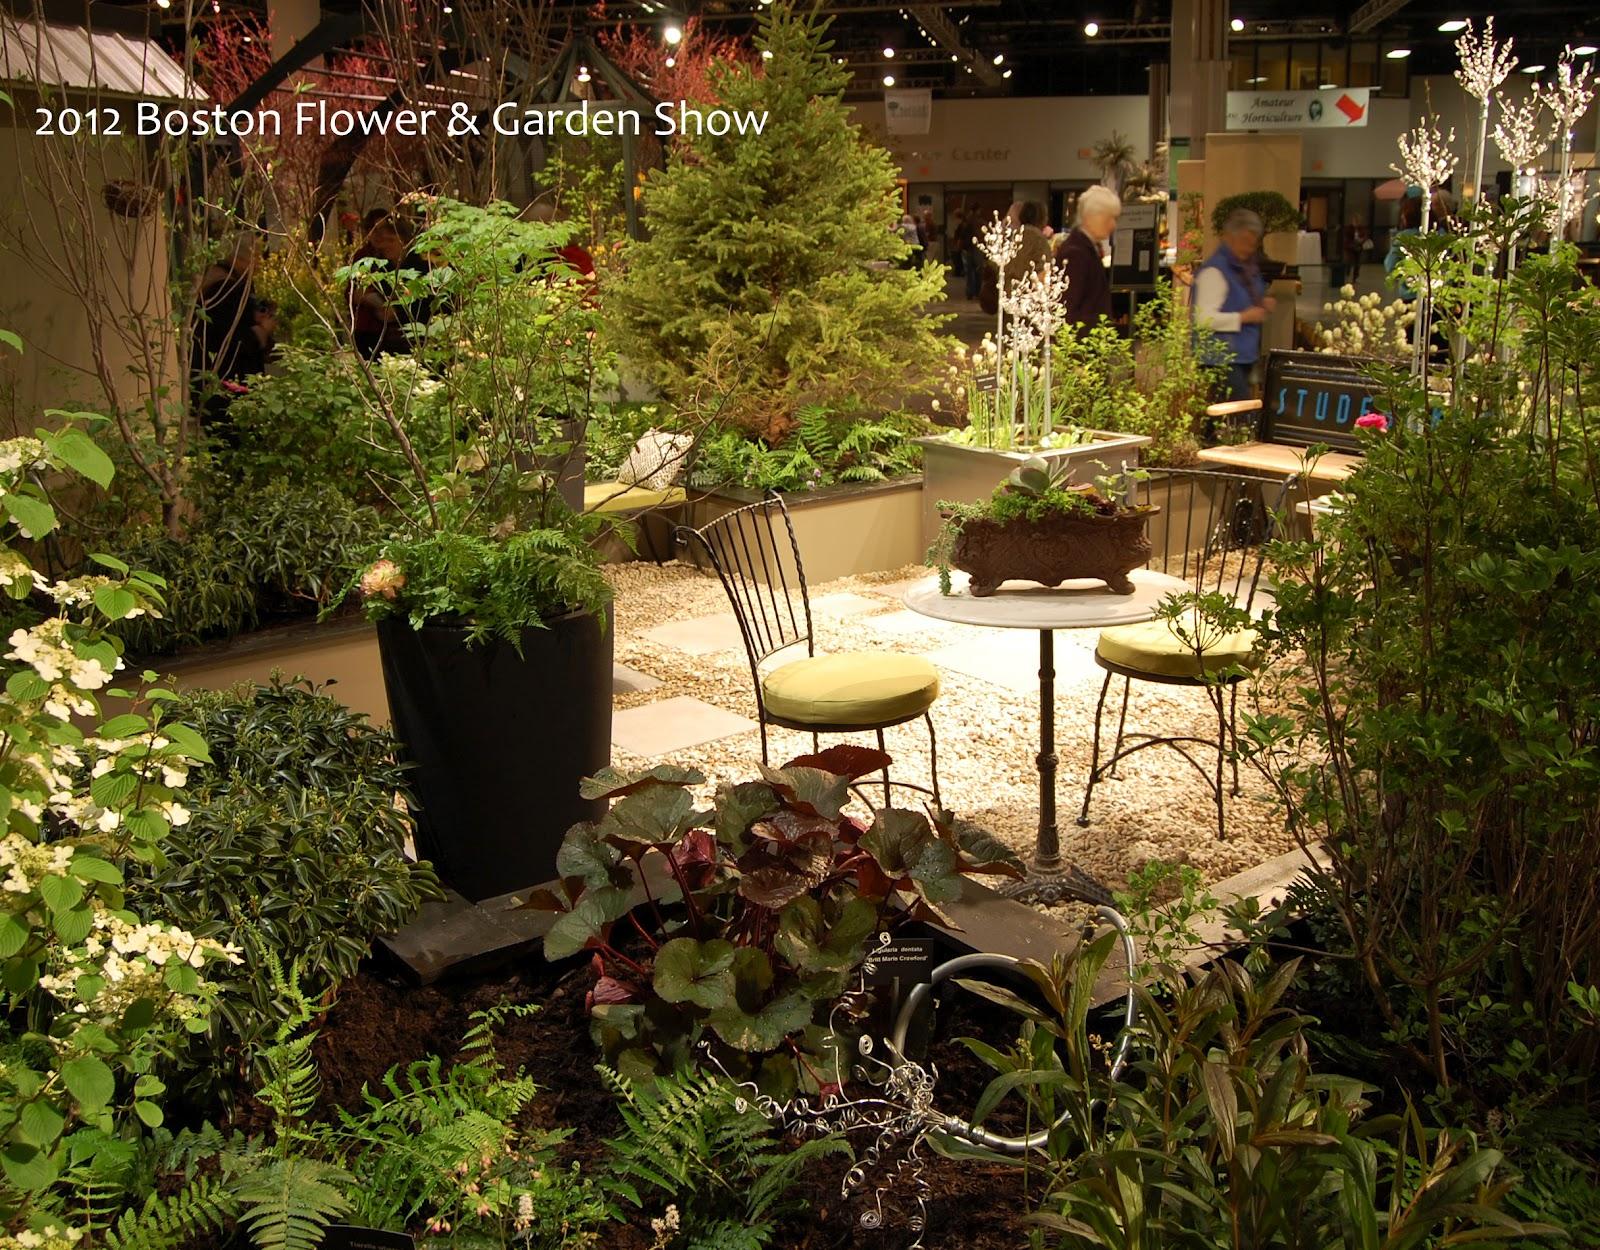 Native Plants with Adams Garden: 2012 Boston Flower & Garden Show